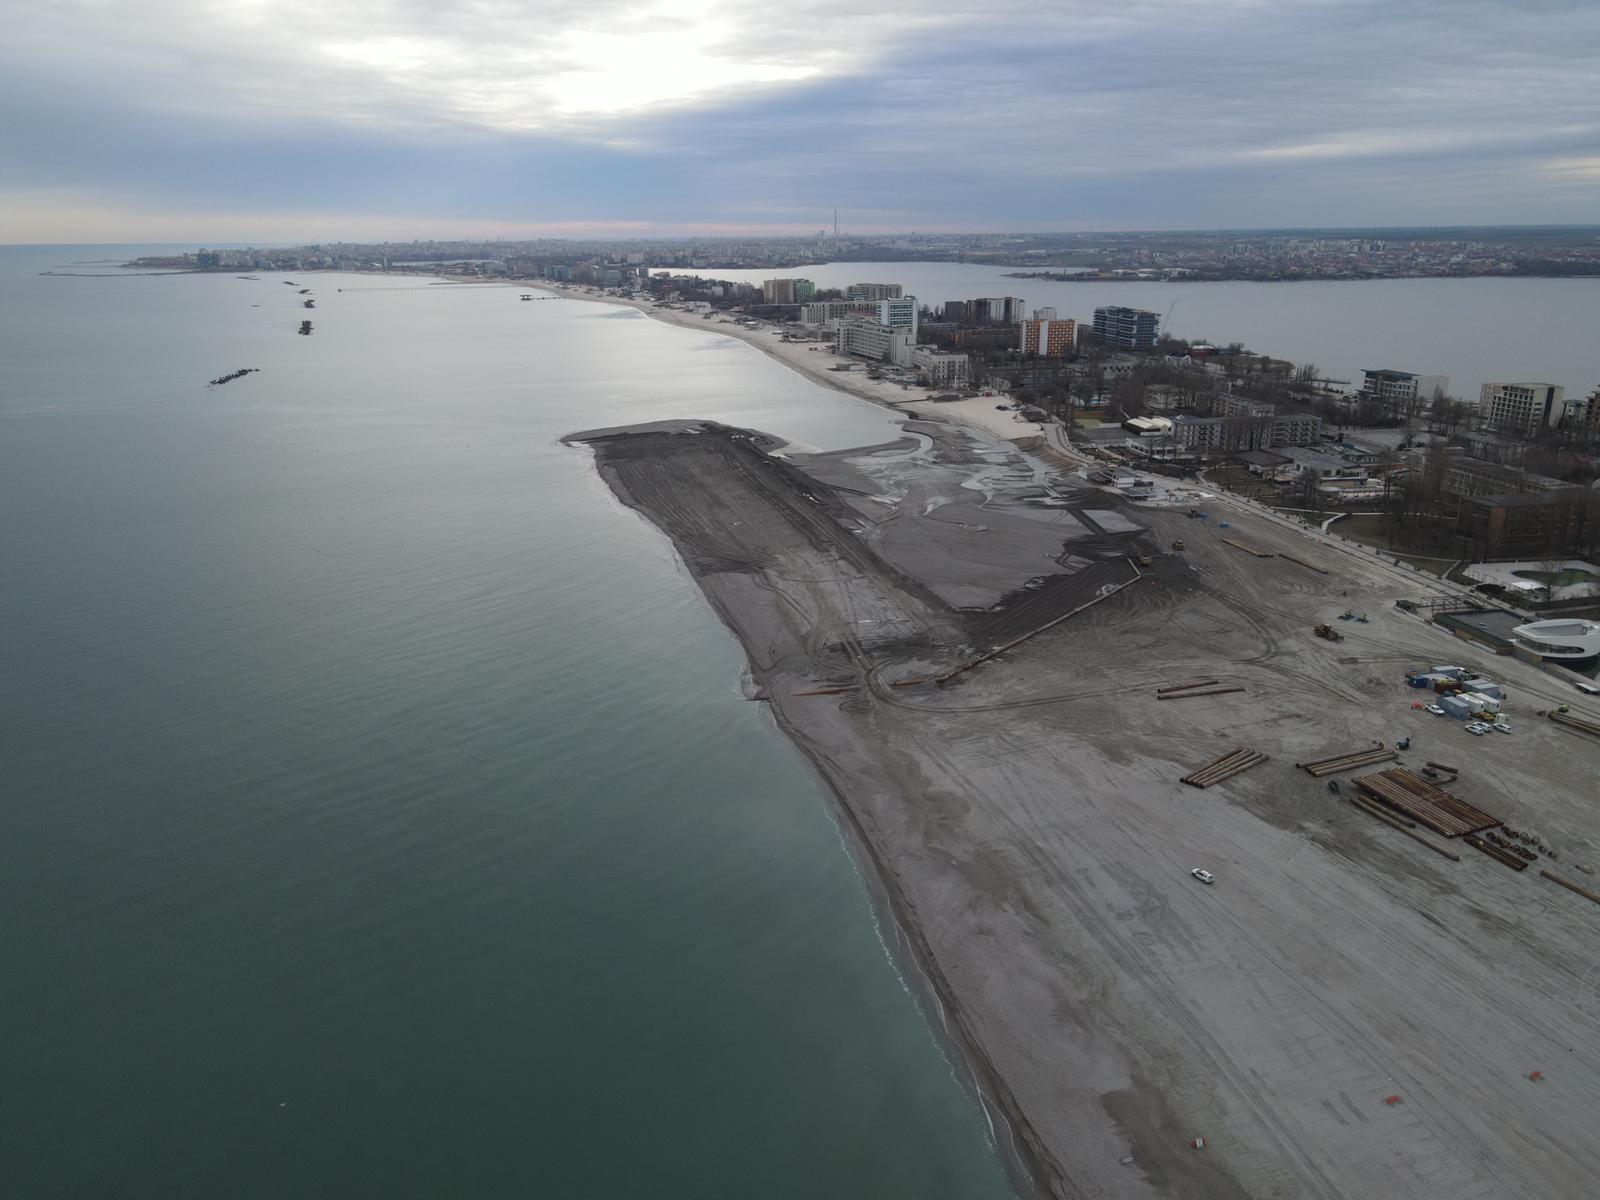 S-a reluat programul de reducere a eroziunii costiere. Imagini spectaculoase